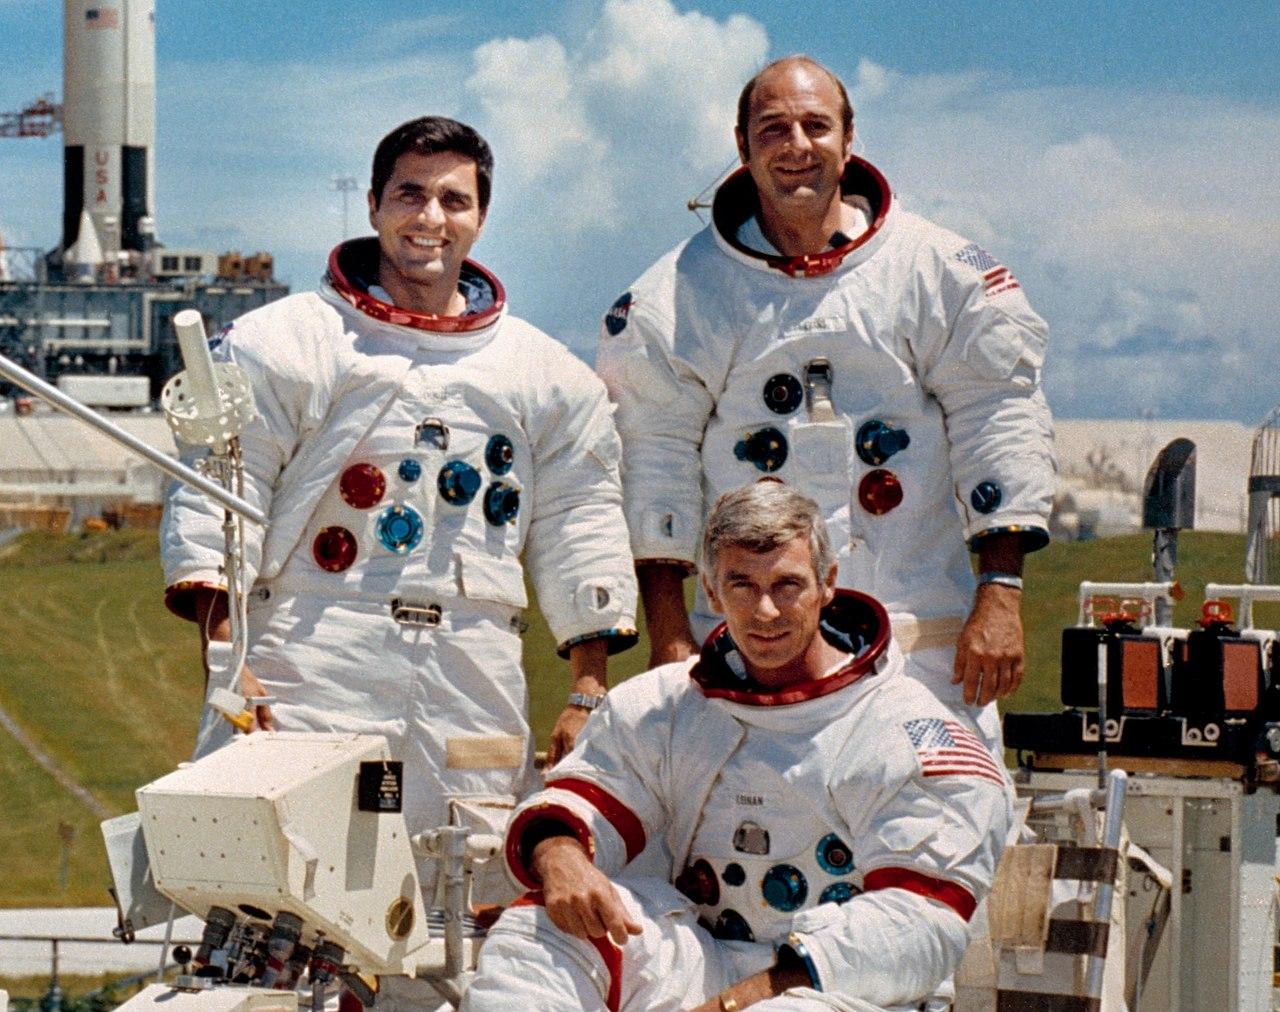 File:Apollo 17 crew.jpg - Wikimedia Commons